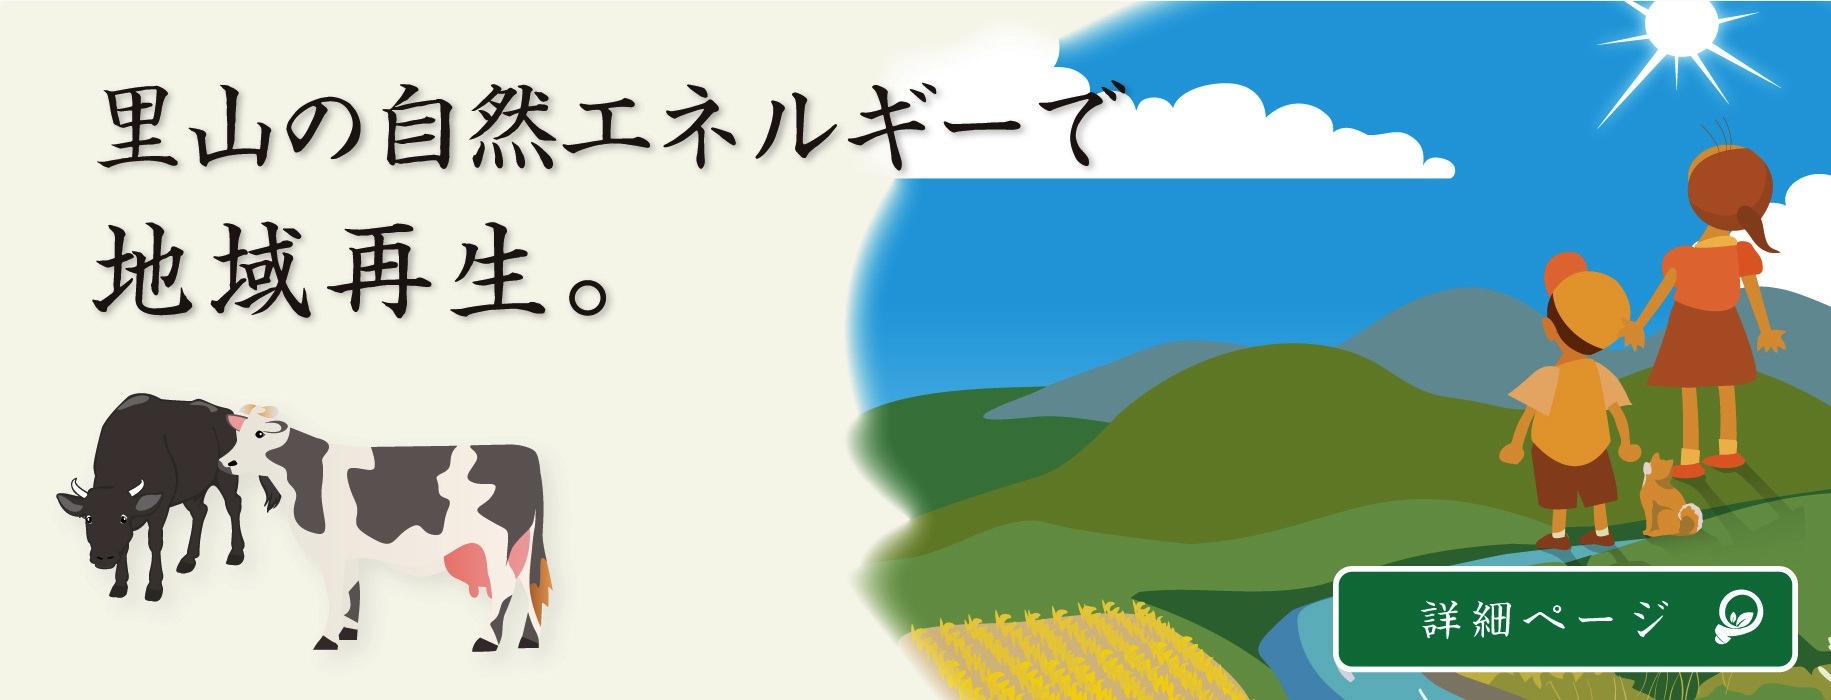 里山の自然エネルギーで地域再生。